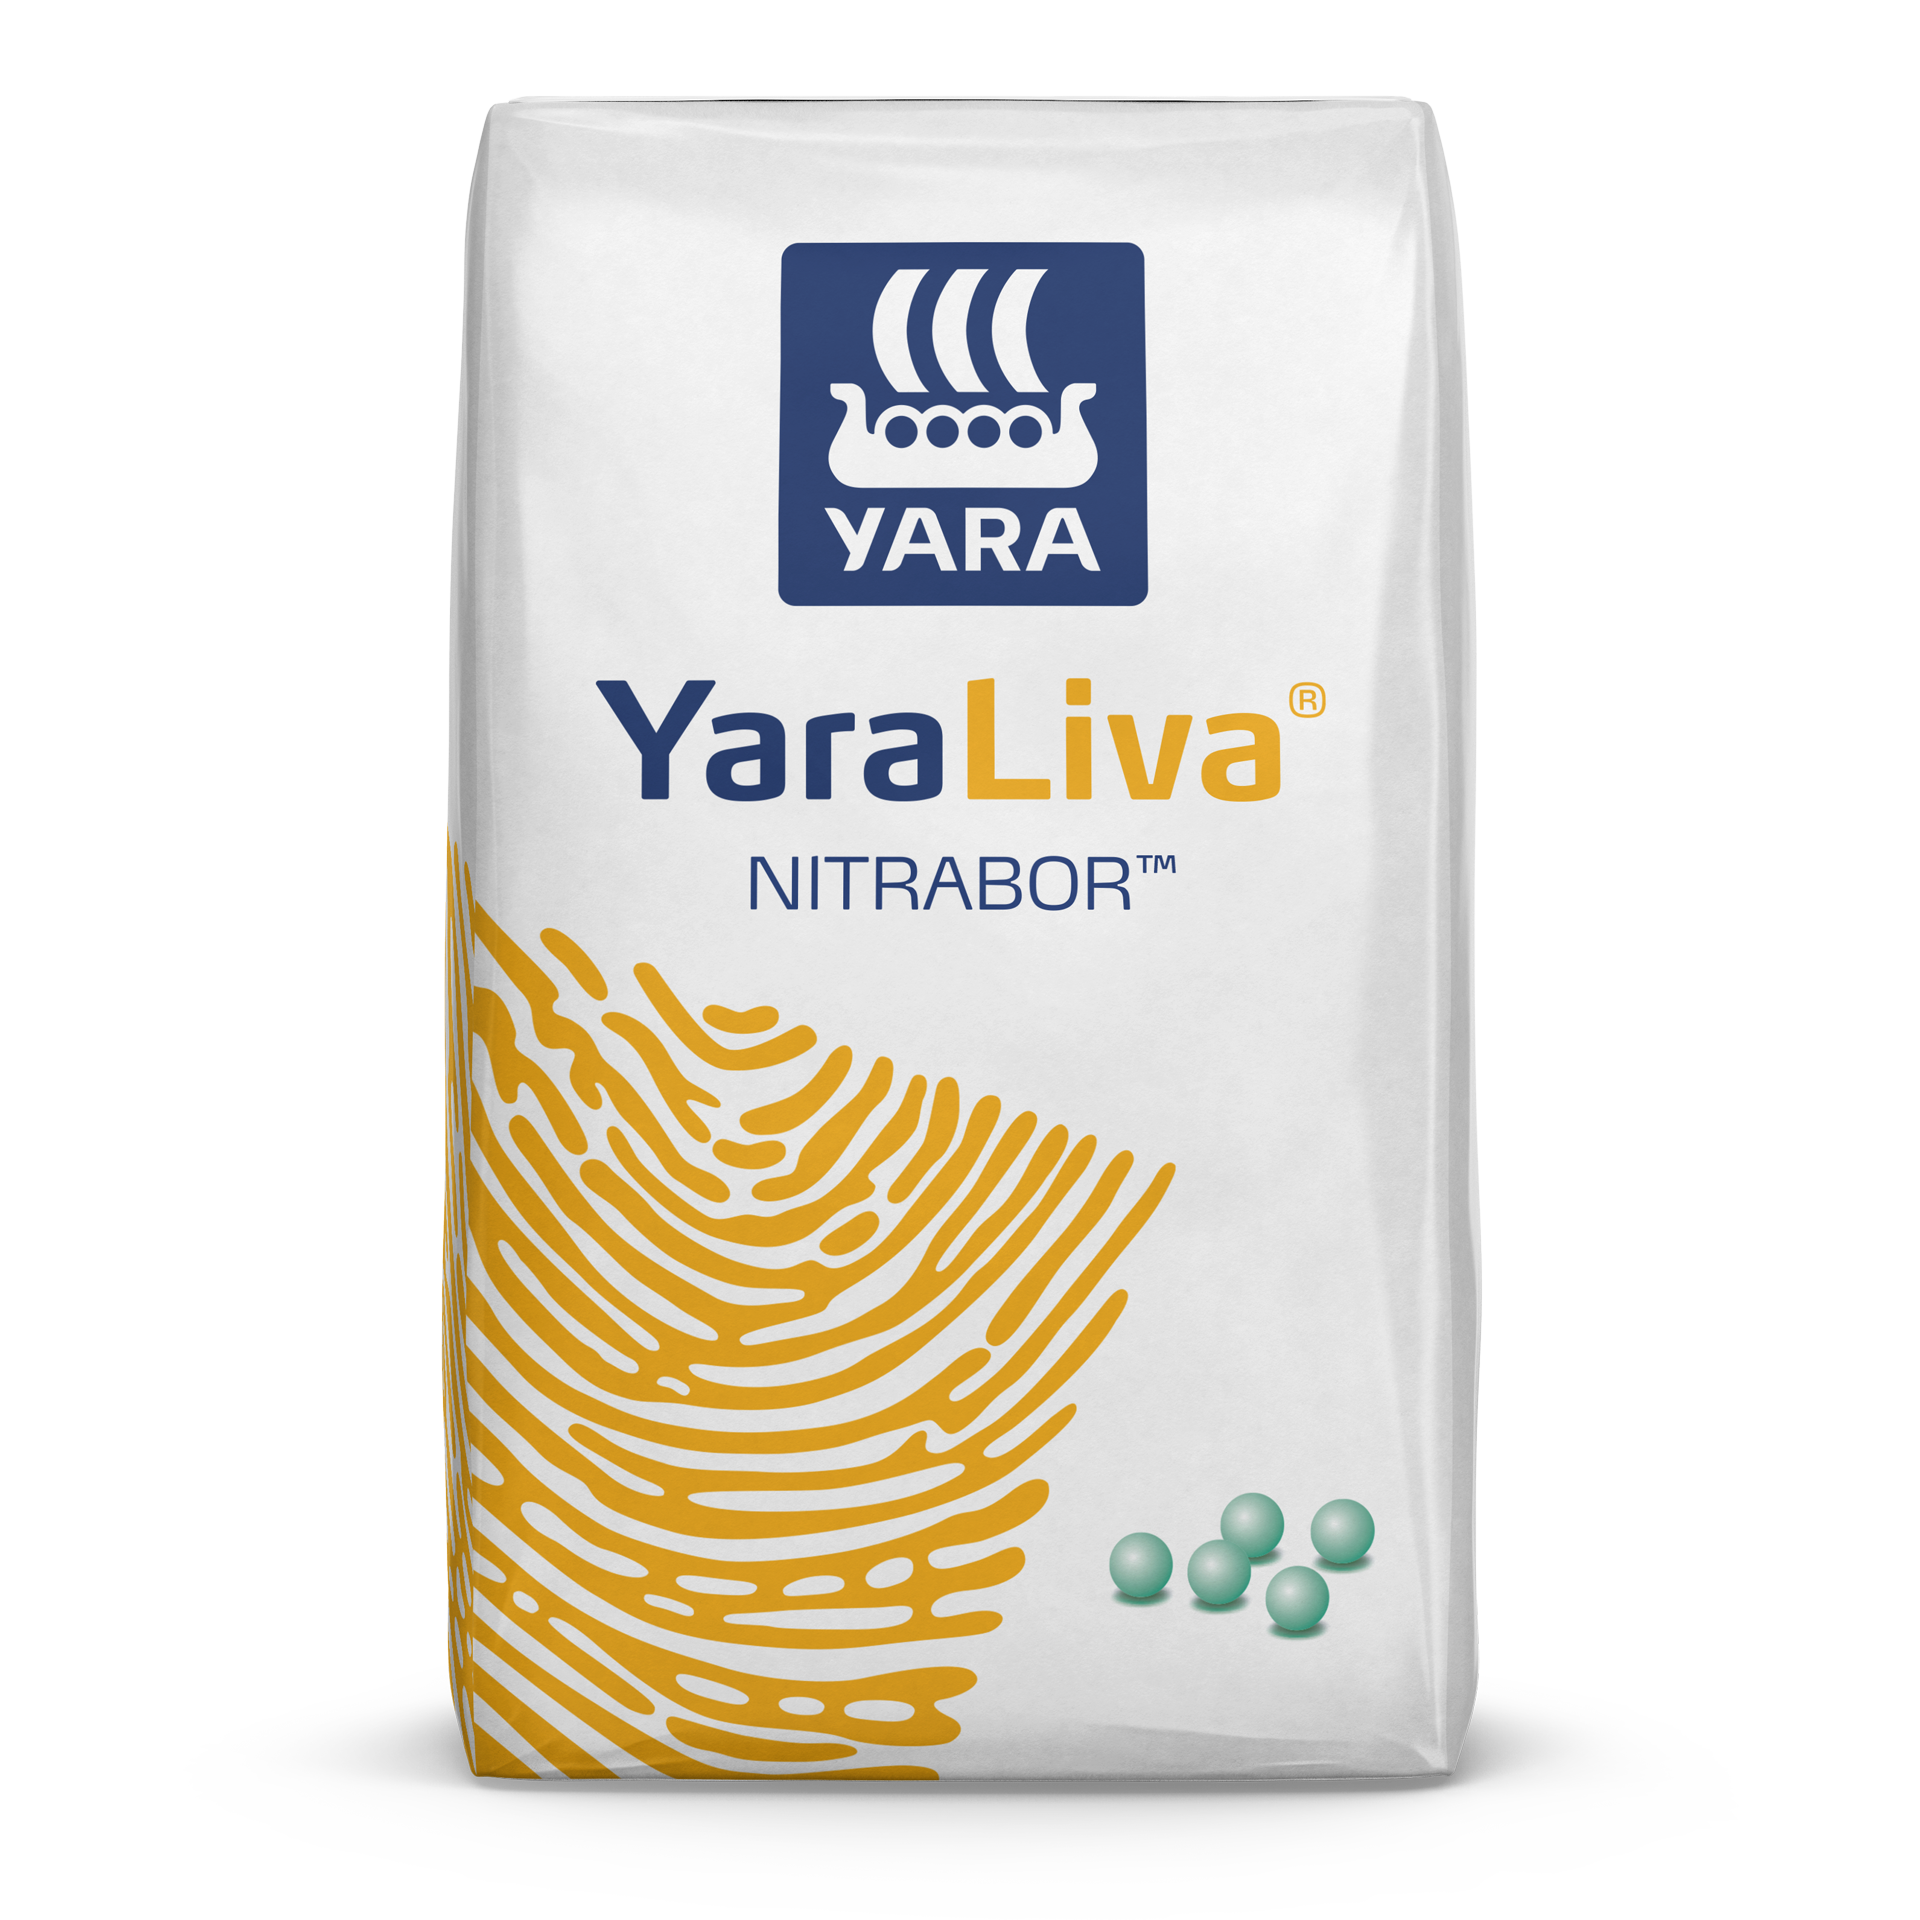 YaraLiva®